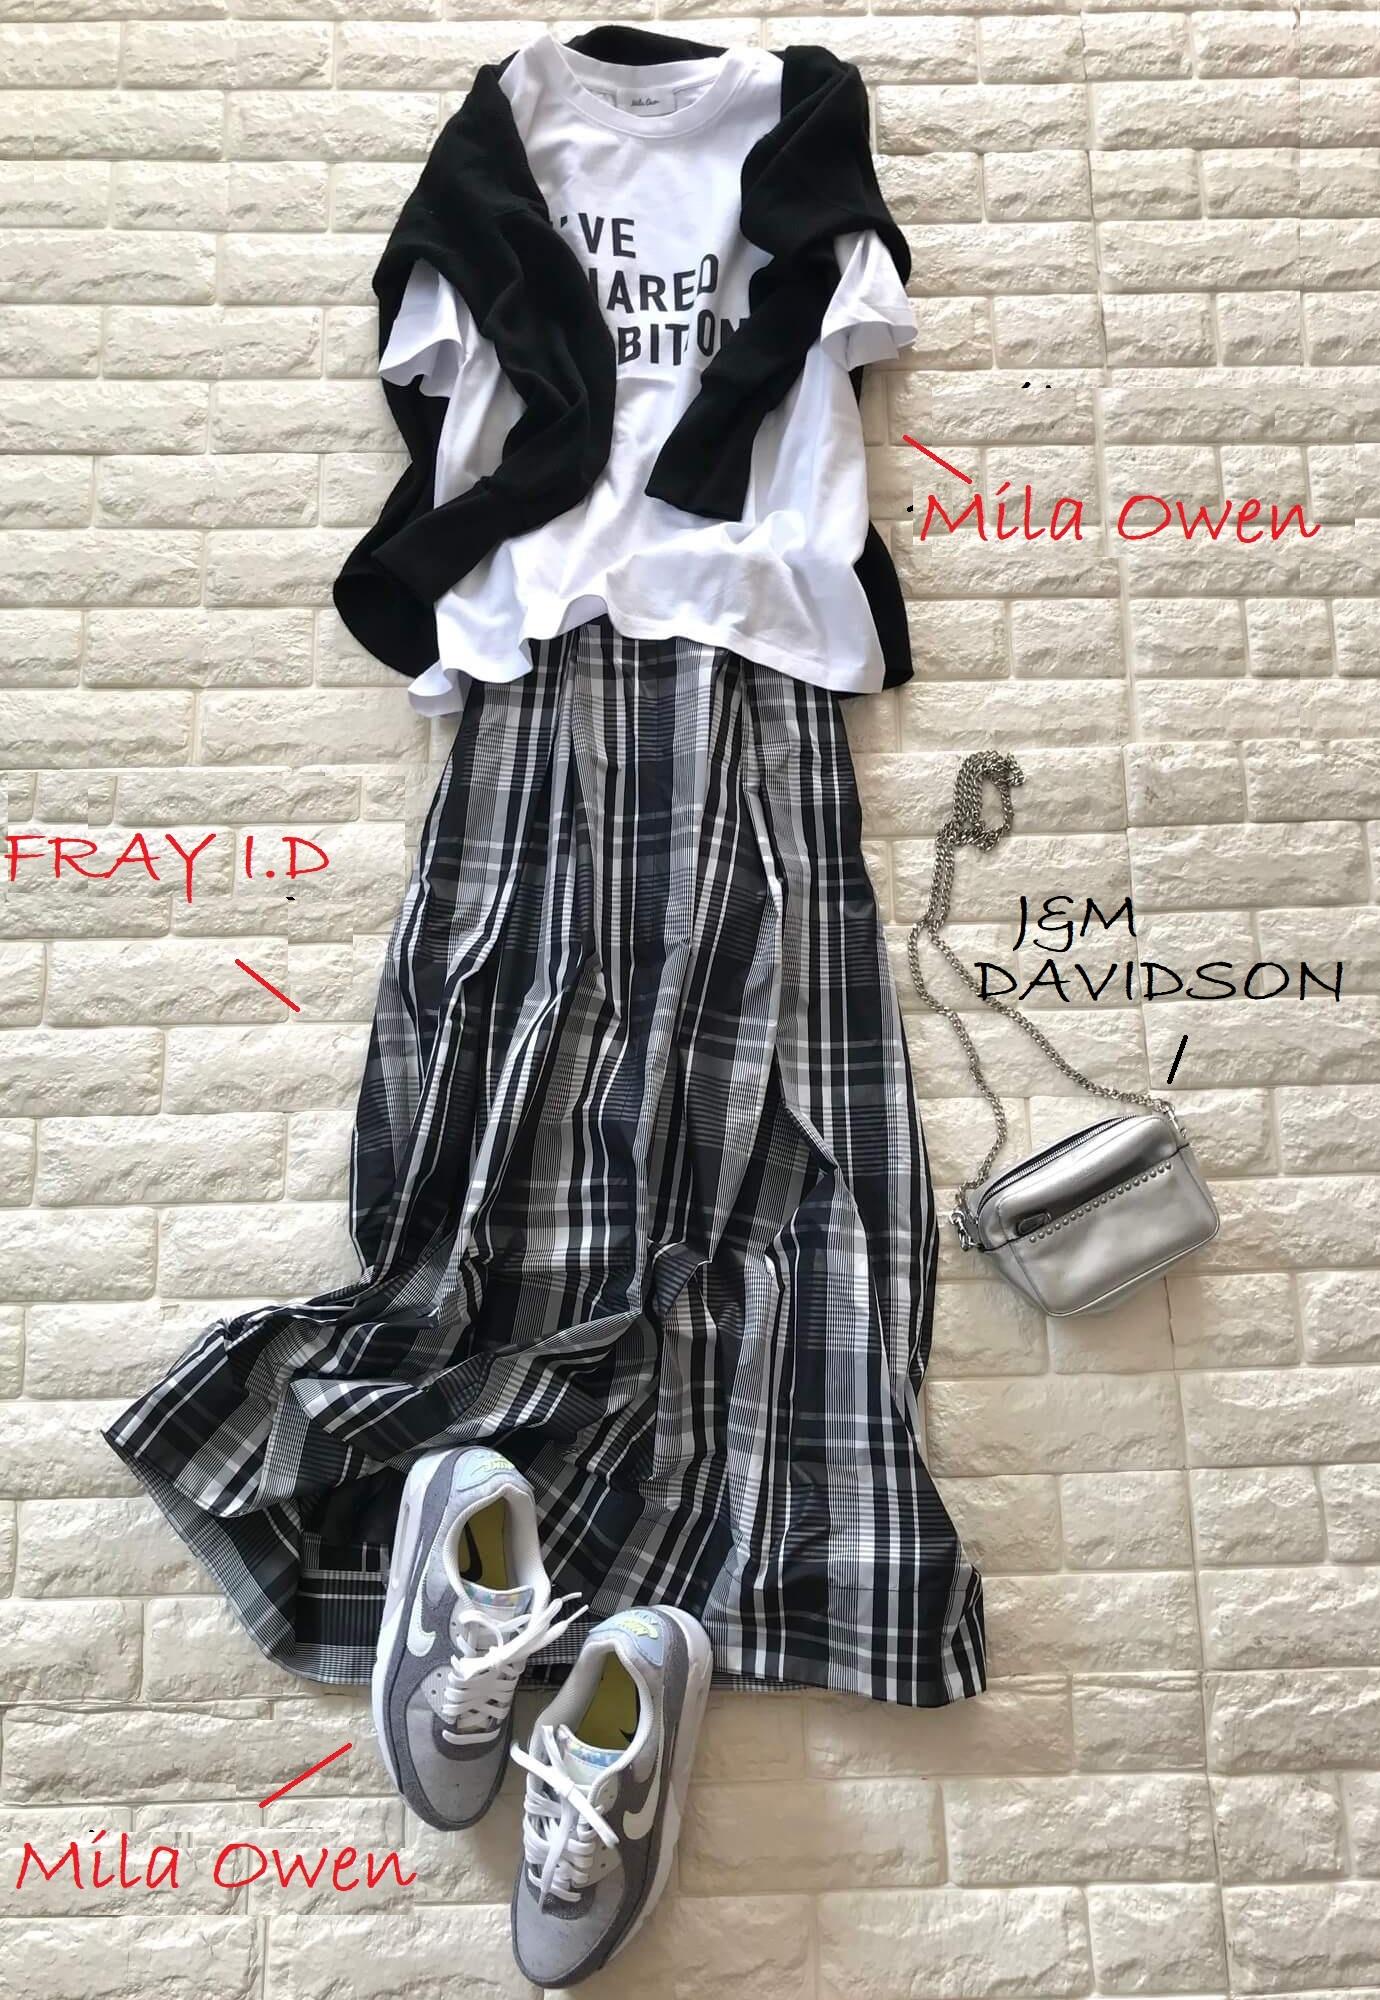 フレイアイディーのスカートとミラオーウェンのTシャツを合わせたコーデ